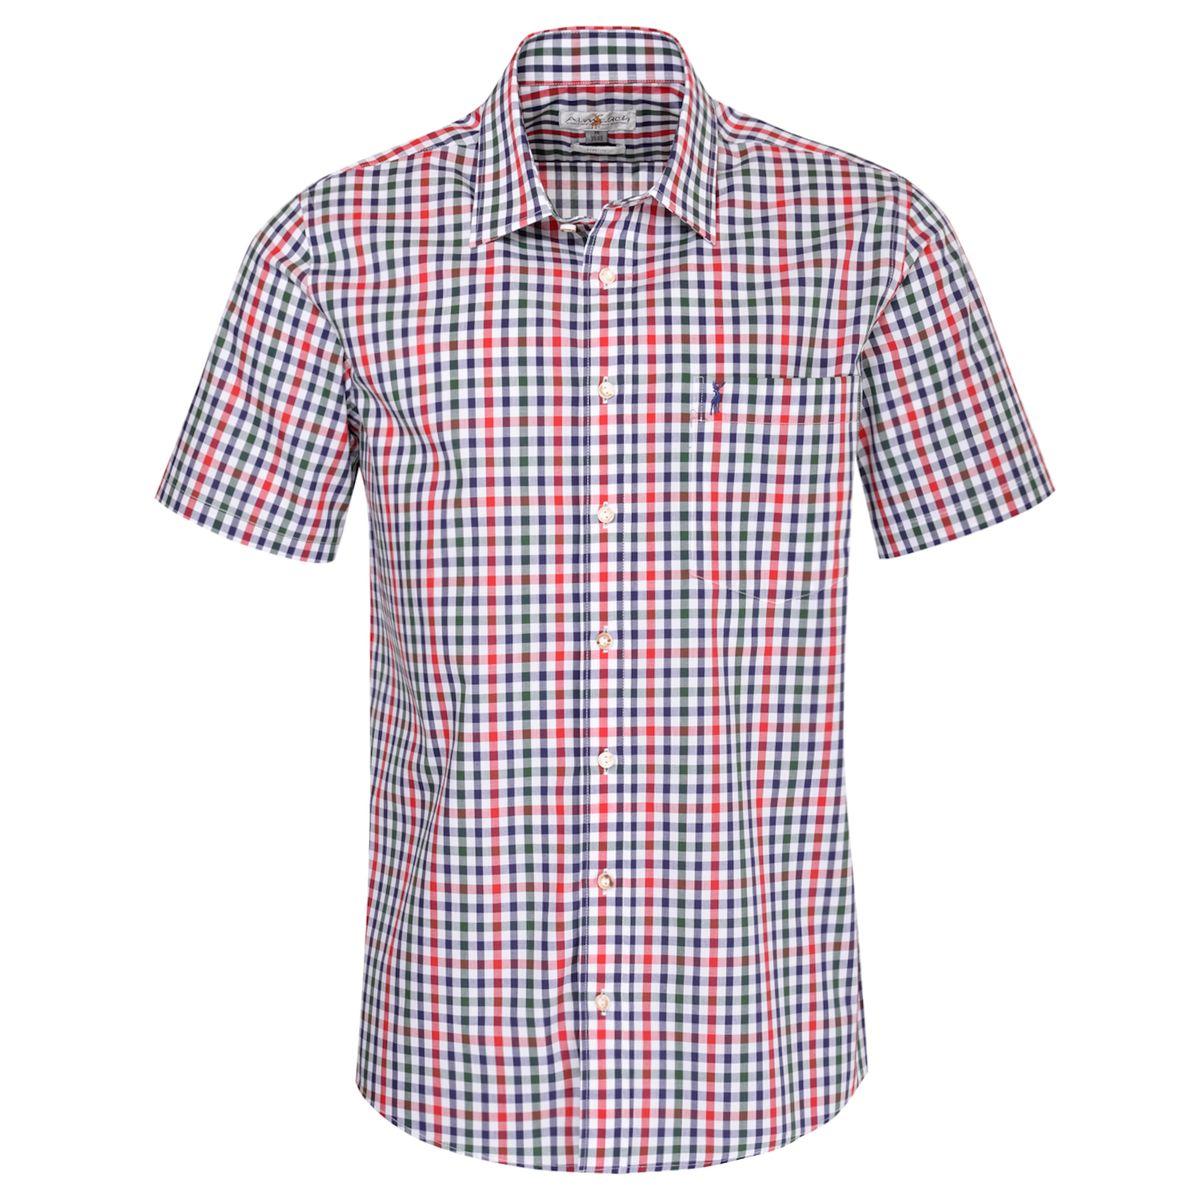 Kurzarm Trachtenhemd Franzl Regular Fit zweifarbig in Rot und Dunkelgrün von Almsach günstig online kaufen